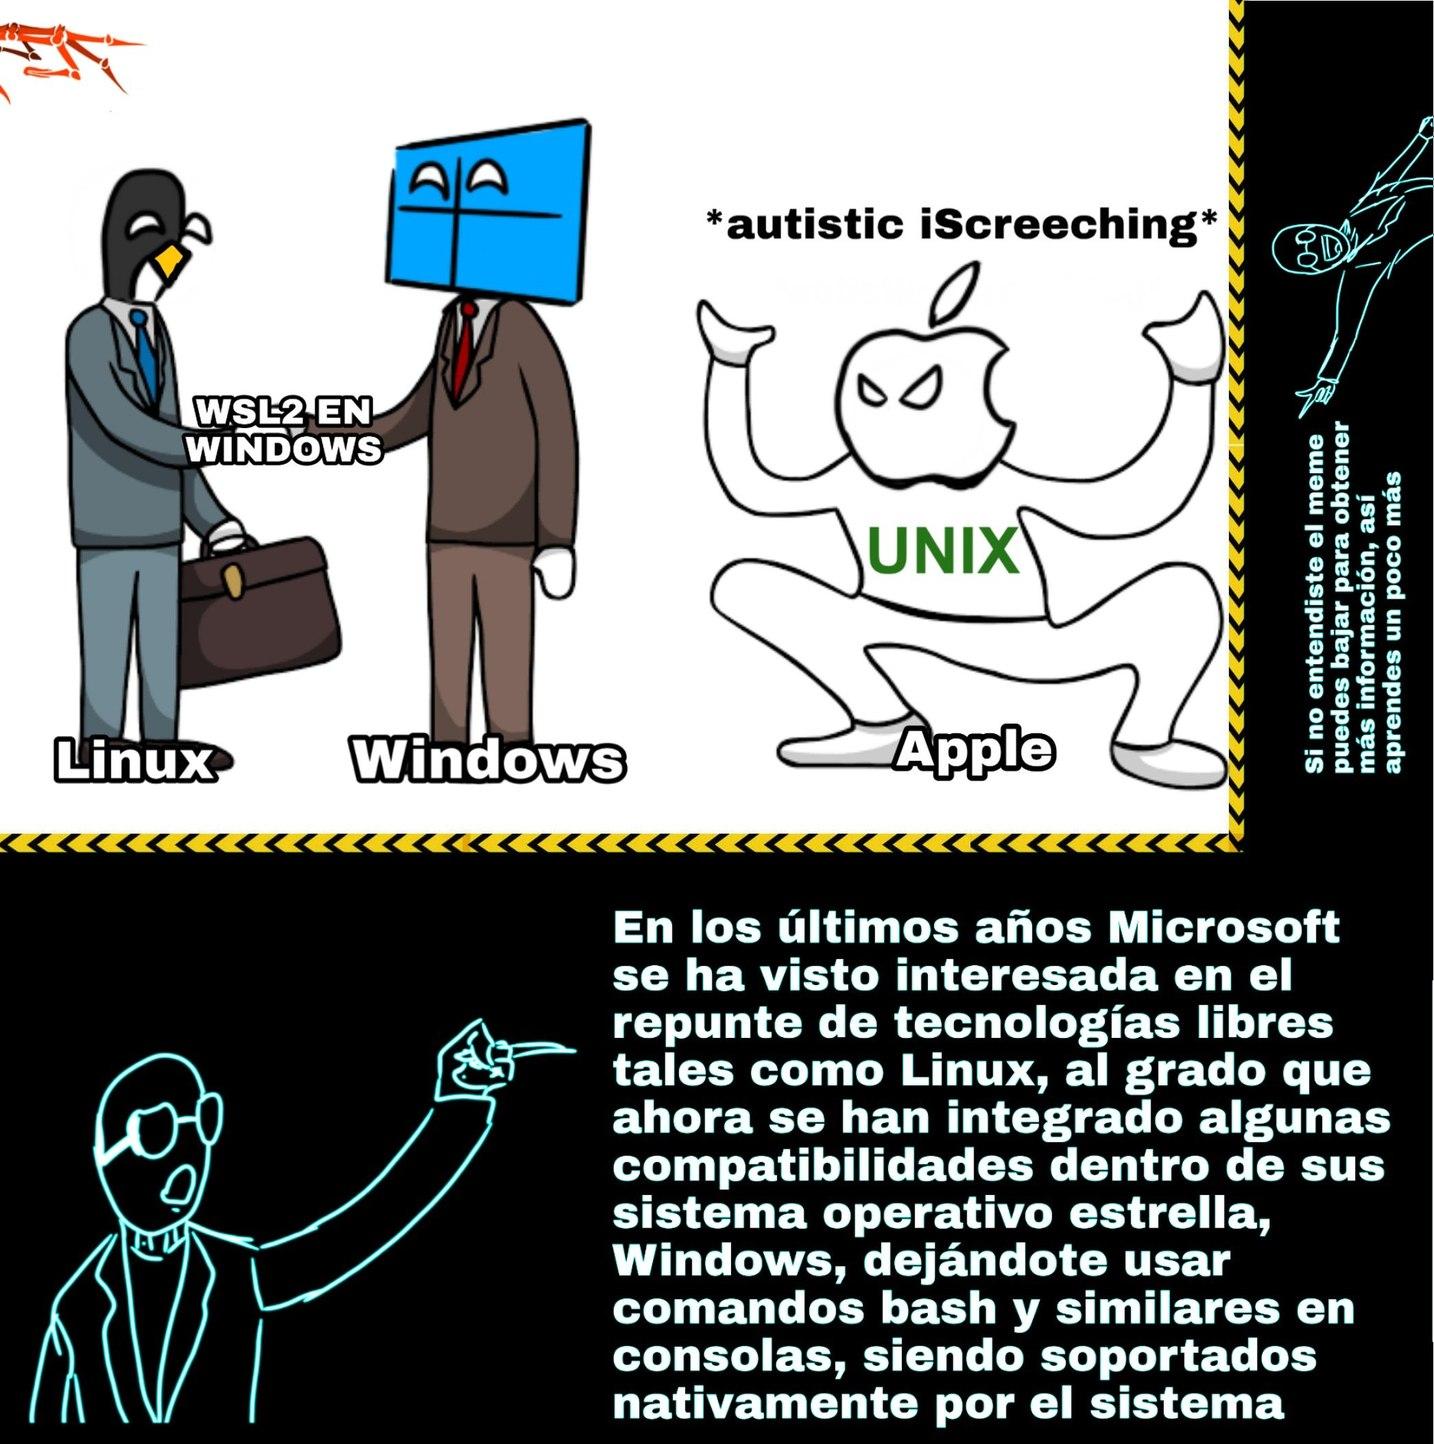 Piola usar bash de Linux en consola de Windows :0 - meme